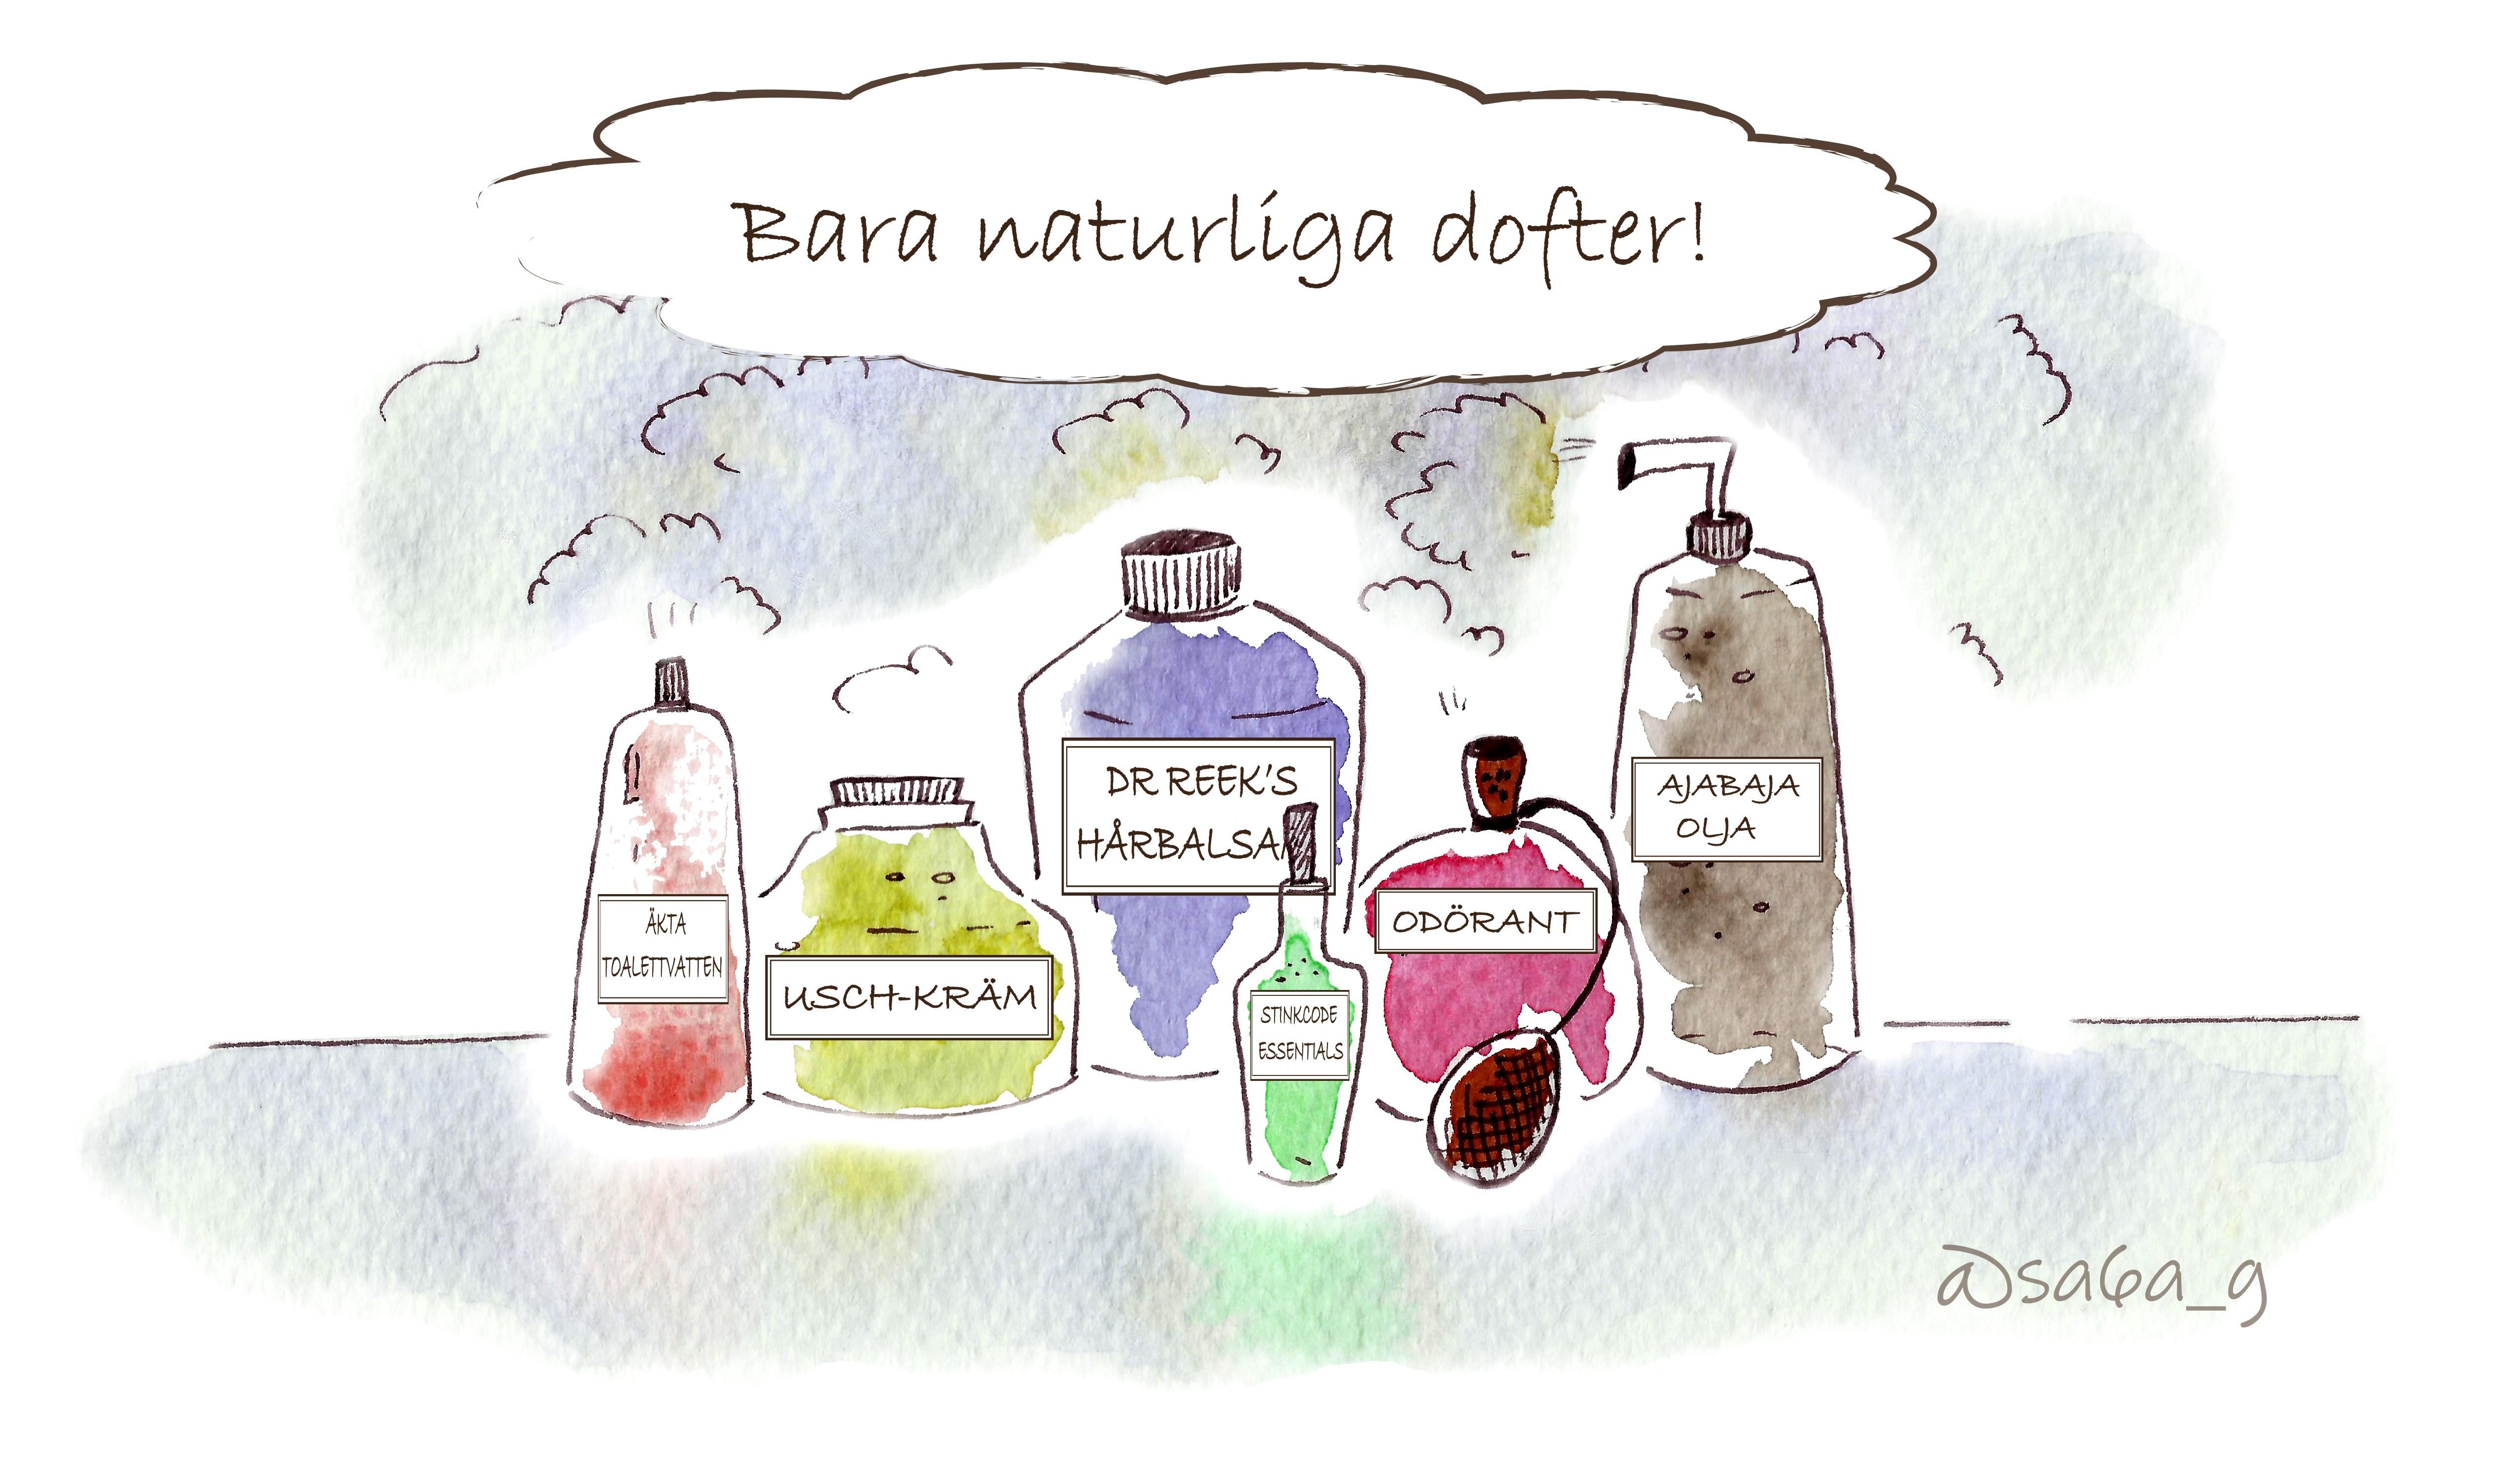 """Olika förpackningar innehållande """"Äkta toalettvatten"""", """"Usch-kräm"""", """"Dr Reek's hårbalsam"""", """"Stinkande essential"""", """"Odörant"""""""" och """"Ajabaja-olja"""". Text ovan som säger: """"Bara naturliga dofter!"""""""